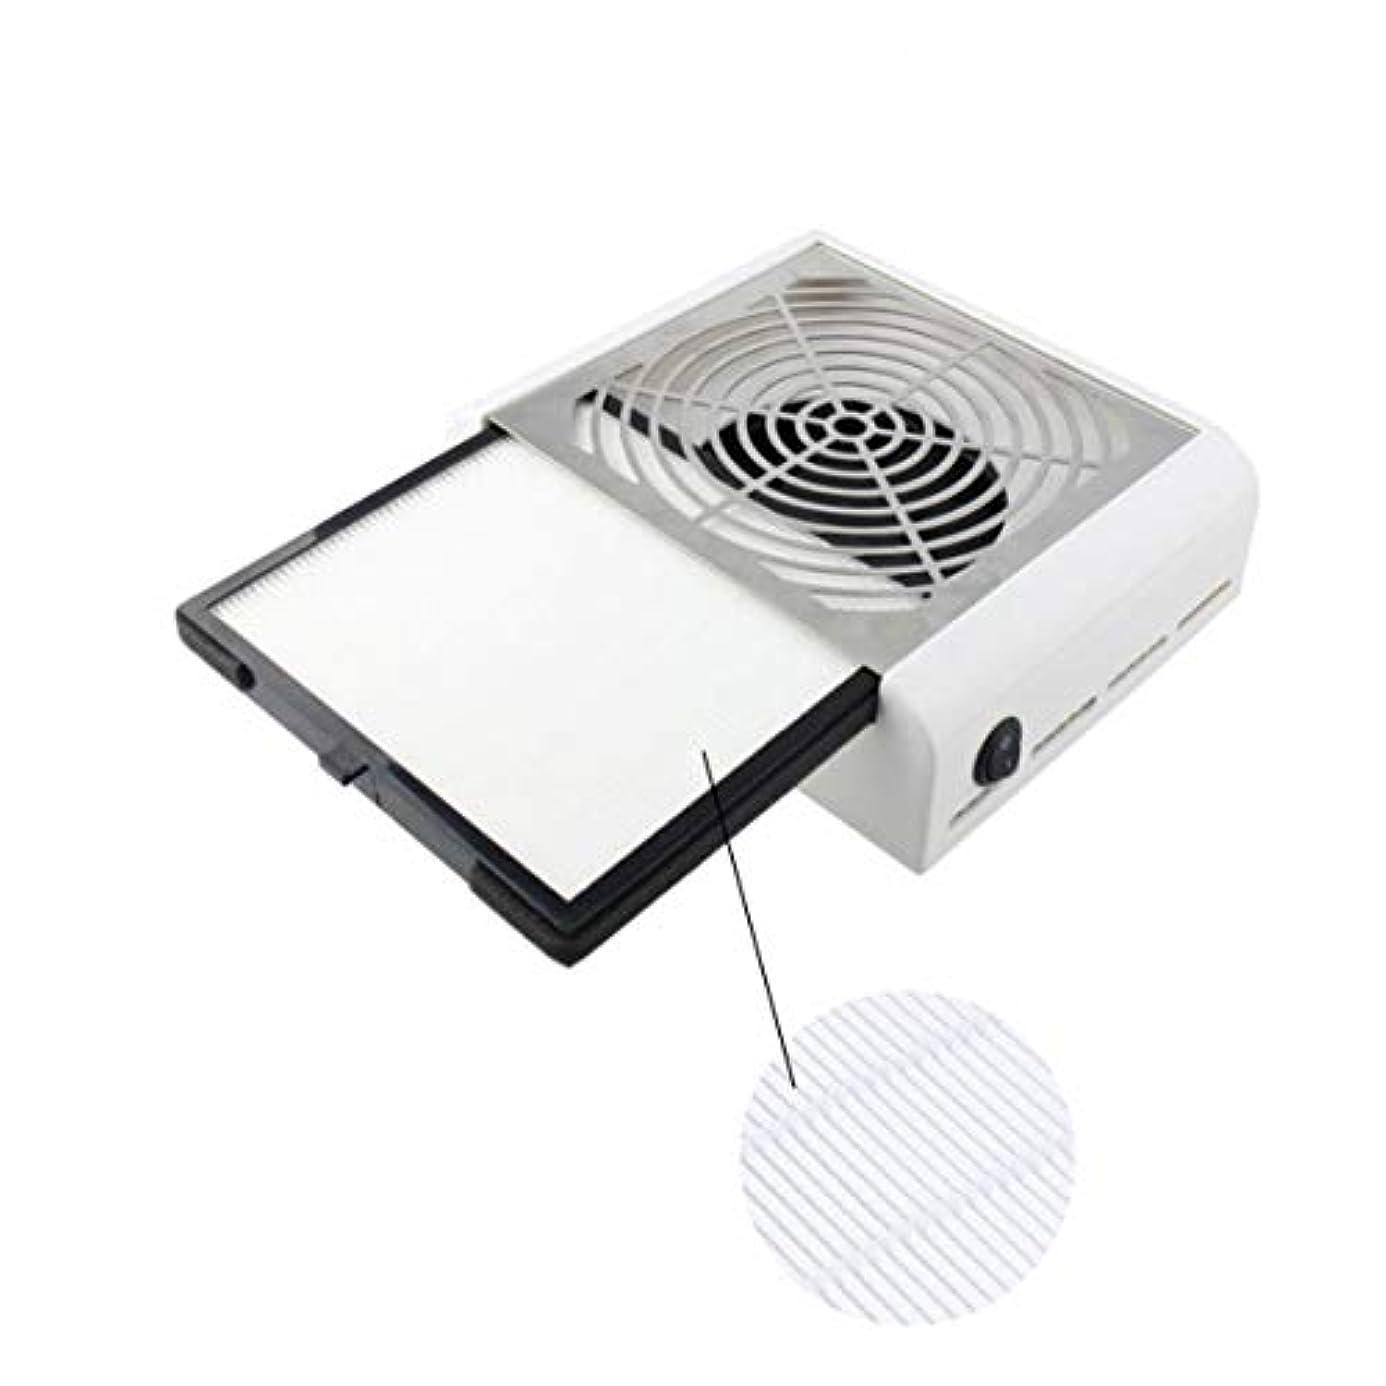 従事する隙間クレジットIntercorey Mini Nail Vacuum Cleaner Round Face With 40W High Power Filter Pull-Out Desktop Nail Cleaner Nail Dust...